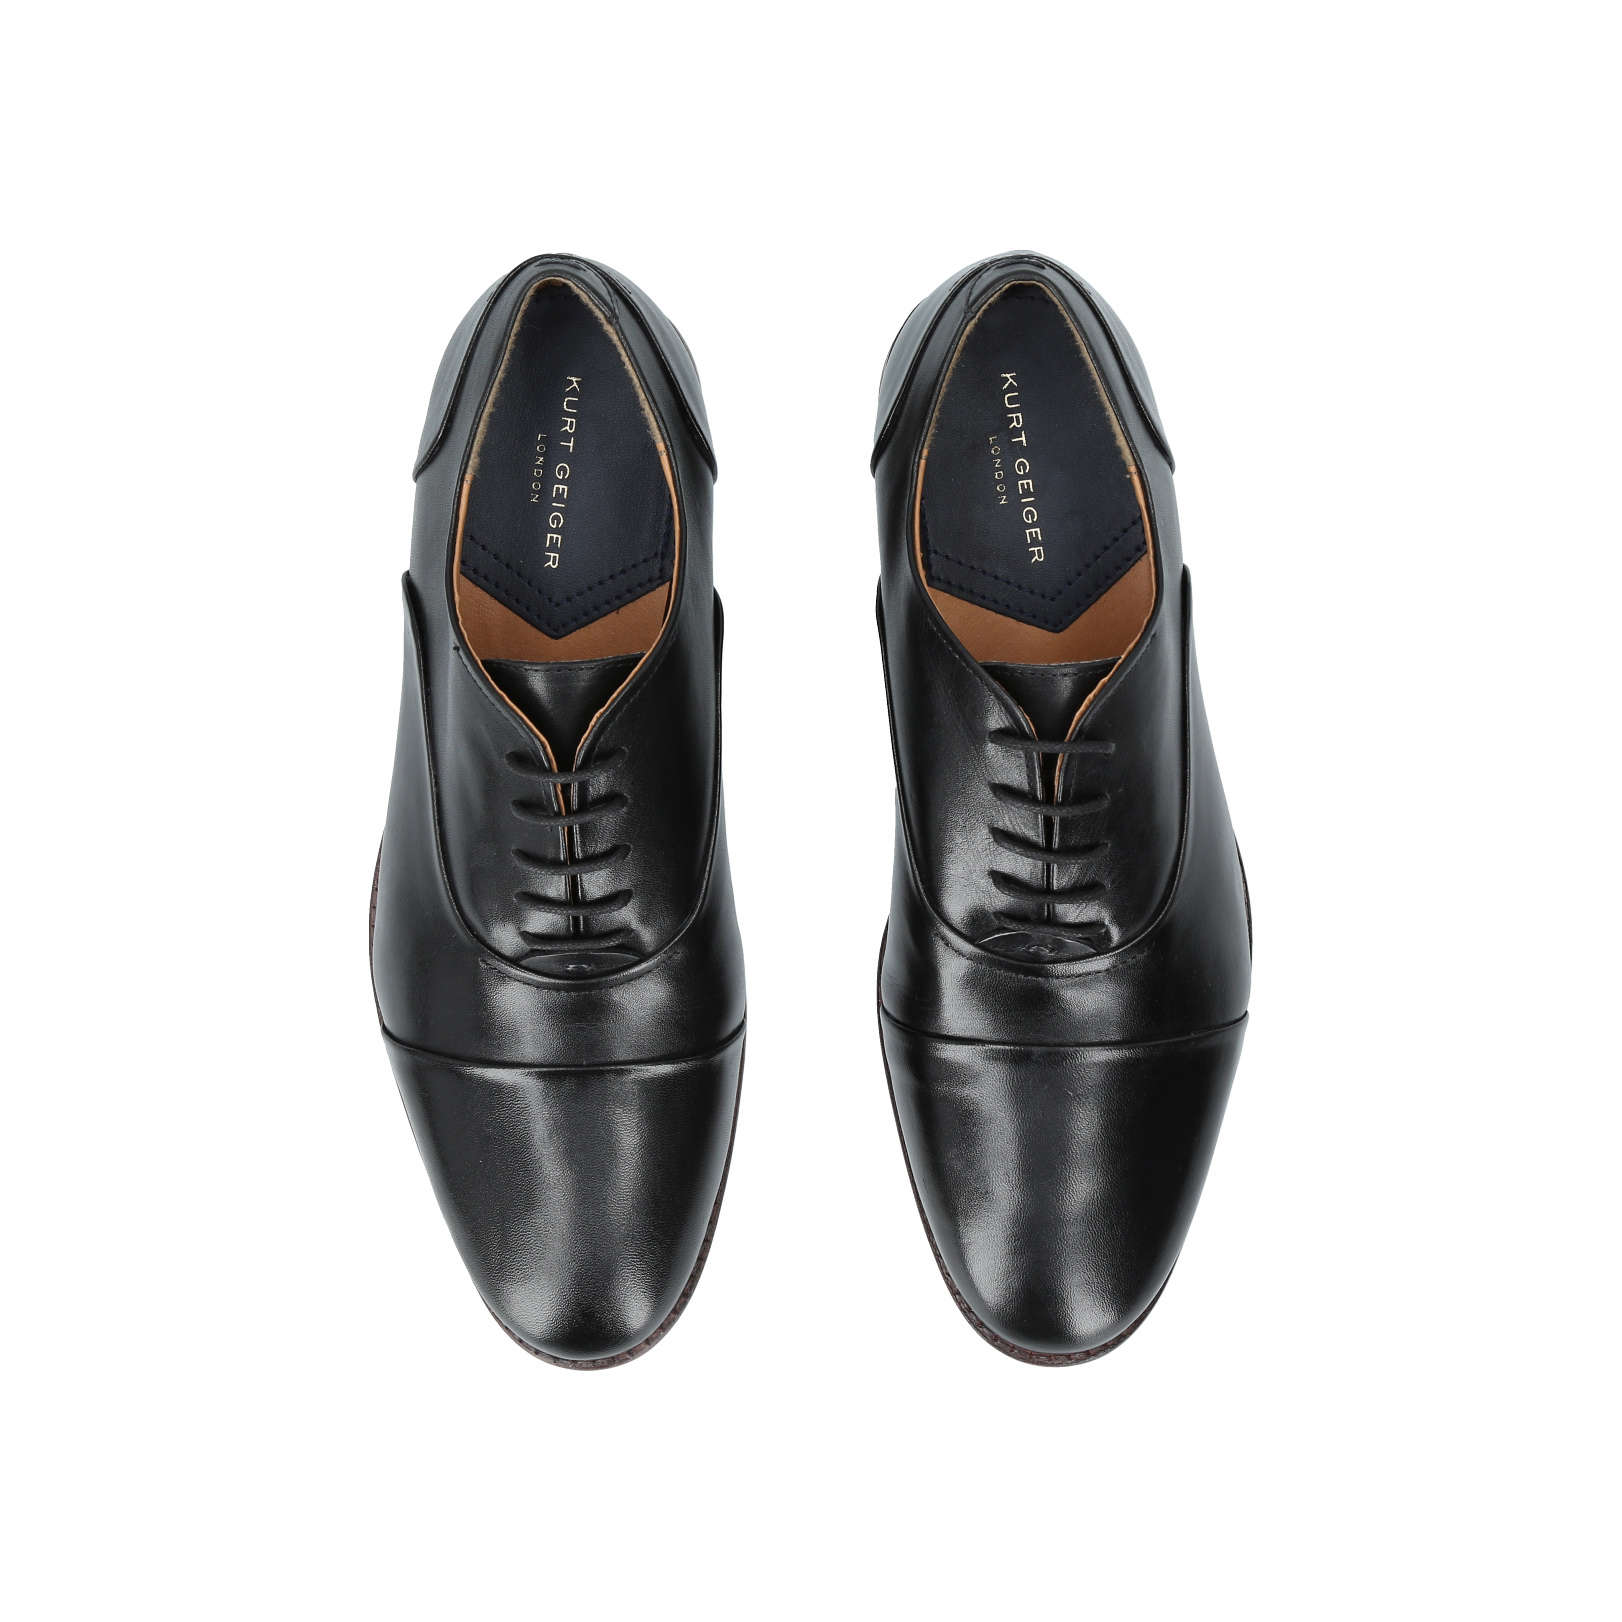 Kurt Geiger London Oliver Chaussures En Cuir En Noir - Noir bA8Pk4ixT